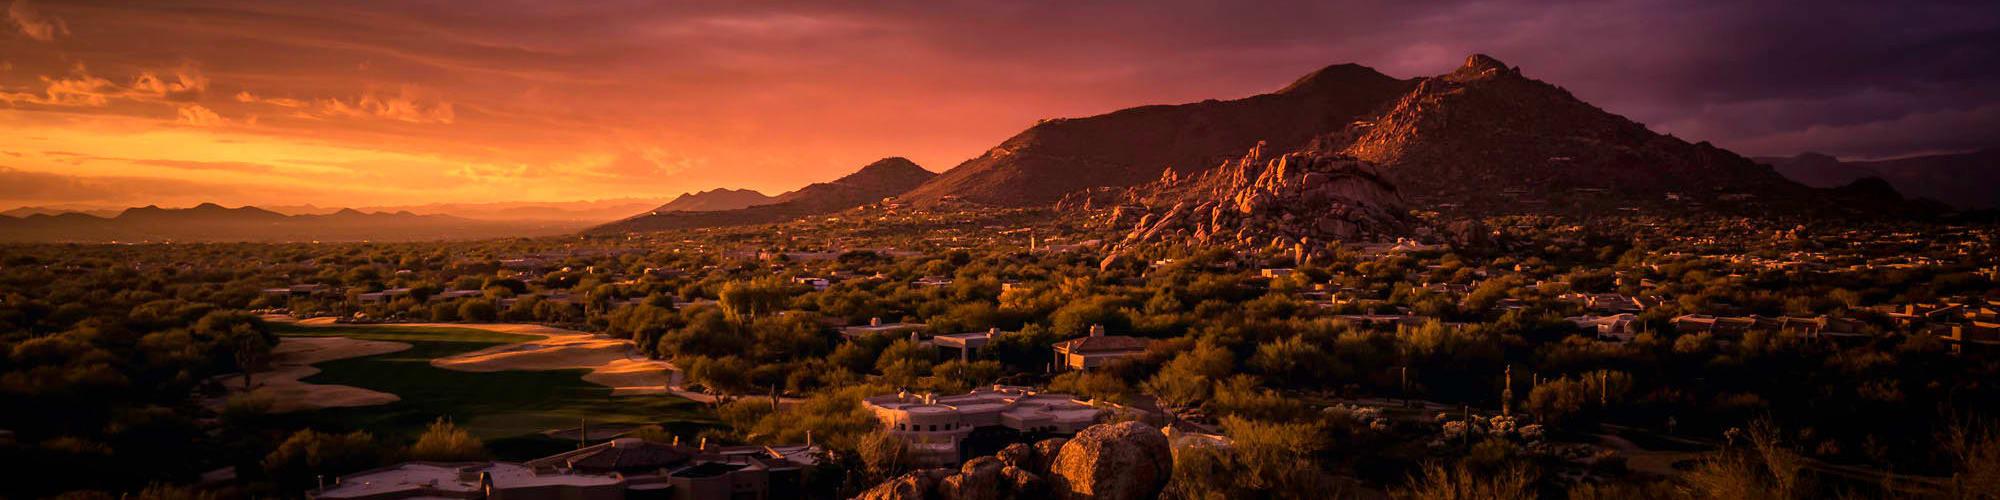 Photos of Sentio in Phoenix, Arizona